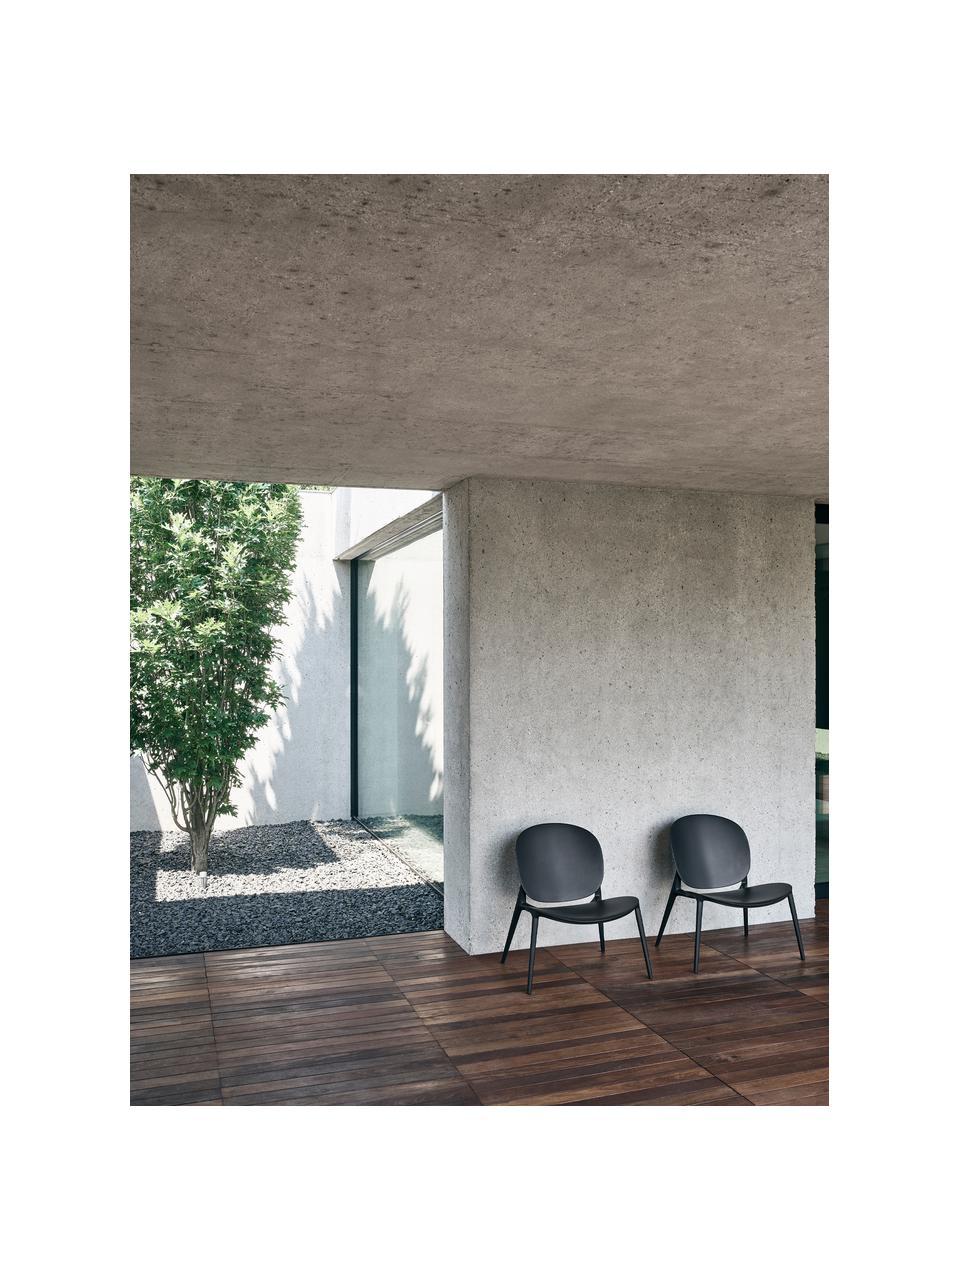 Loungesessel Be Bop aus Kunststoff, Polypropylen, modifiziert, Schwarz, B 69 x T 62 cm